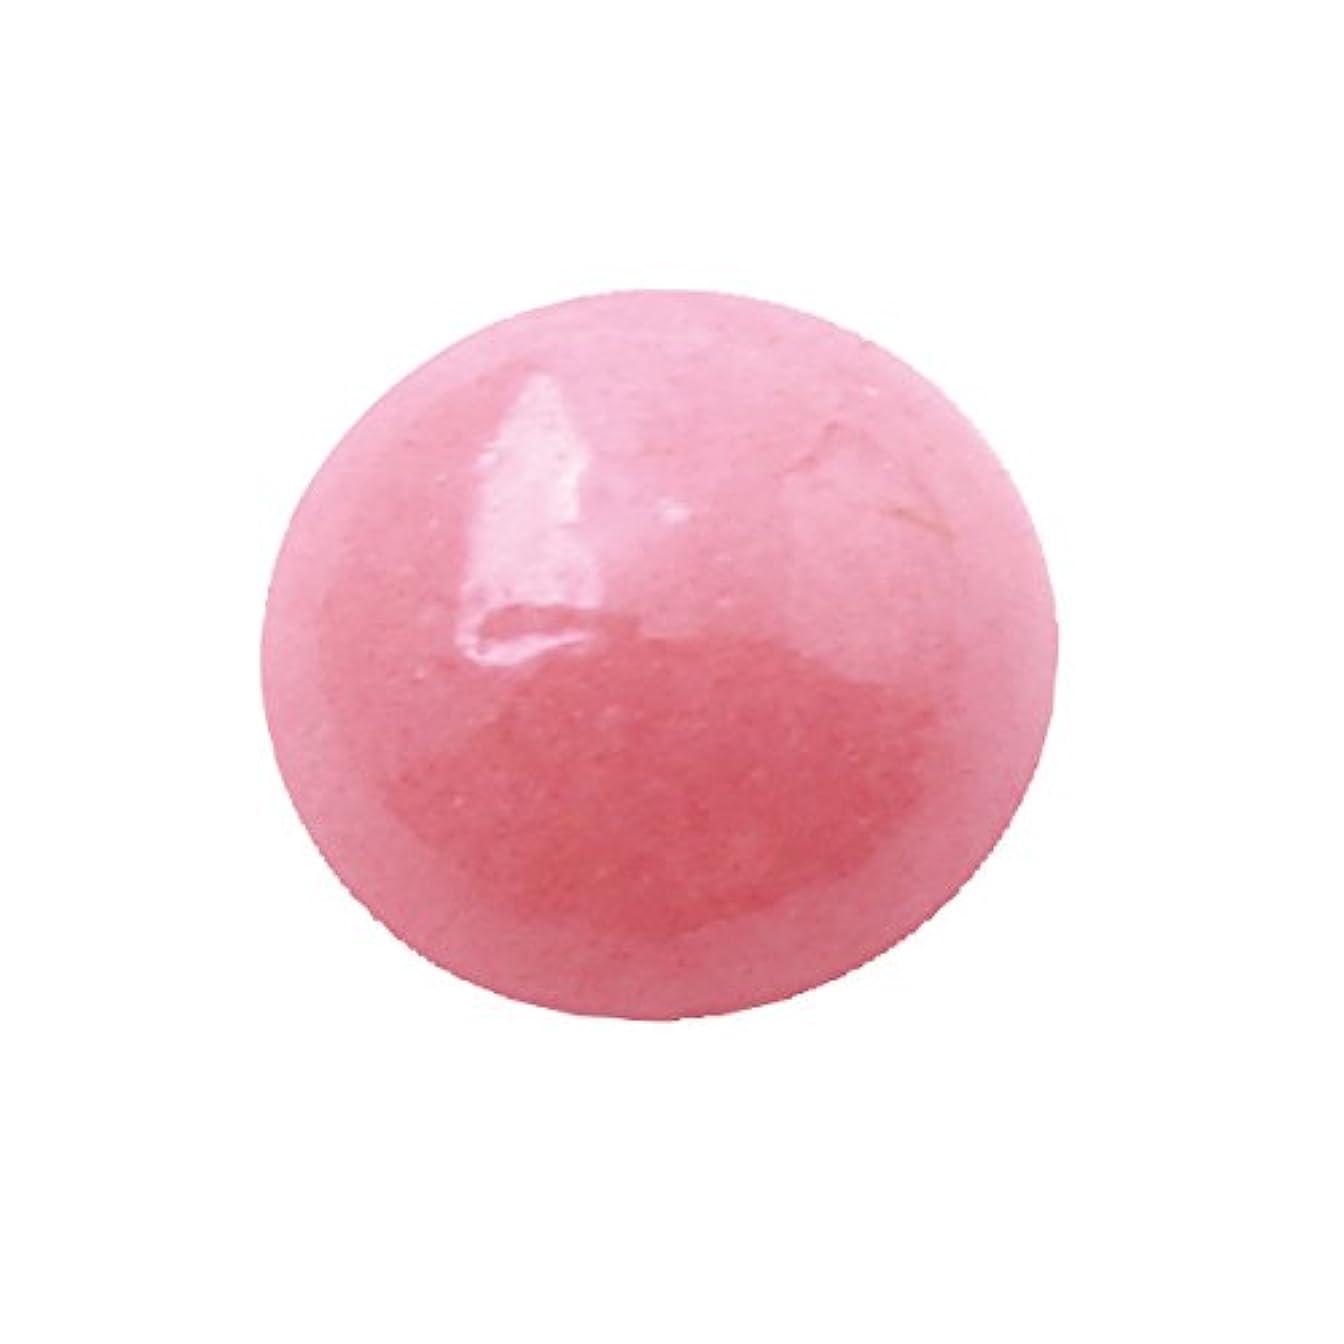 人気交差点経験グラスパールラウンド 2mm(各50個)(ストーン ネイルアート ネイル用品)ピンク